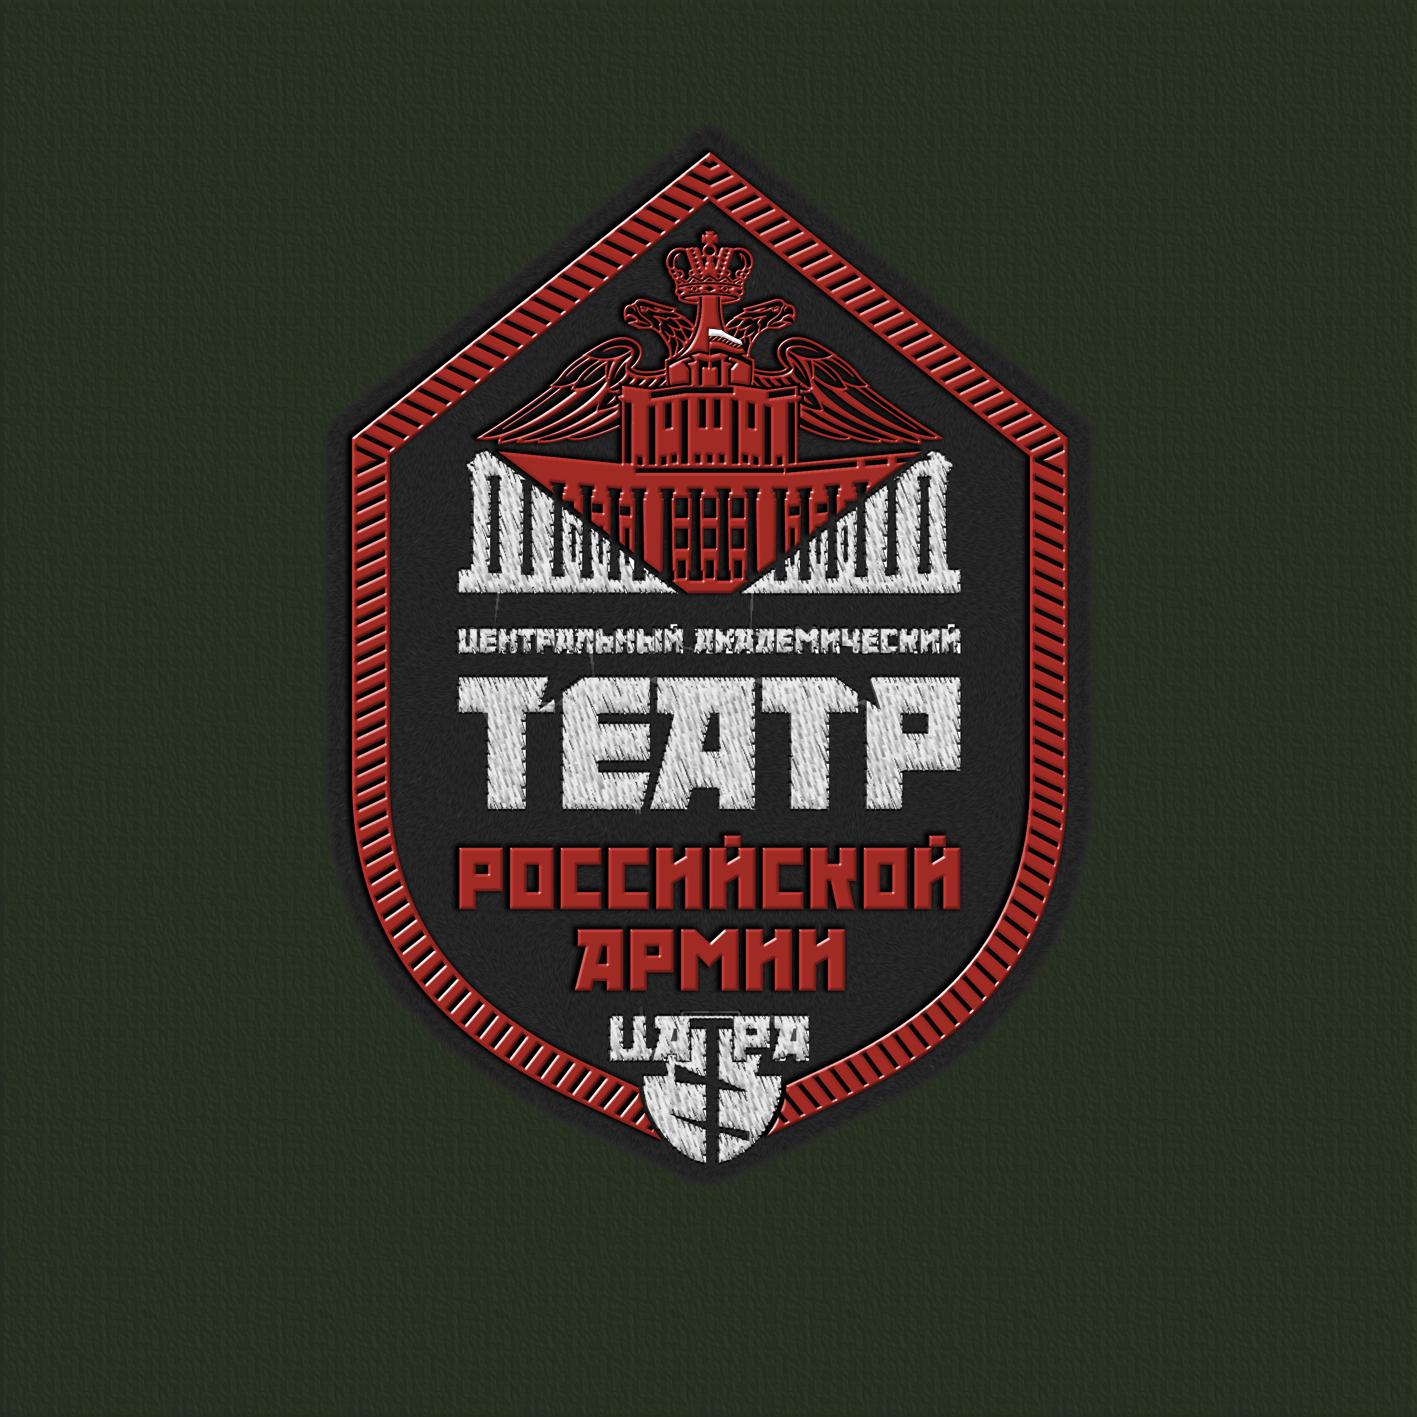 Разработка логотипа для Театра Российской Армии фото f_419588d0487e4dbe.png